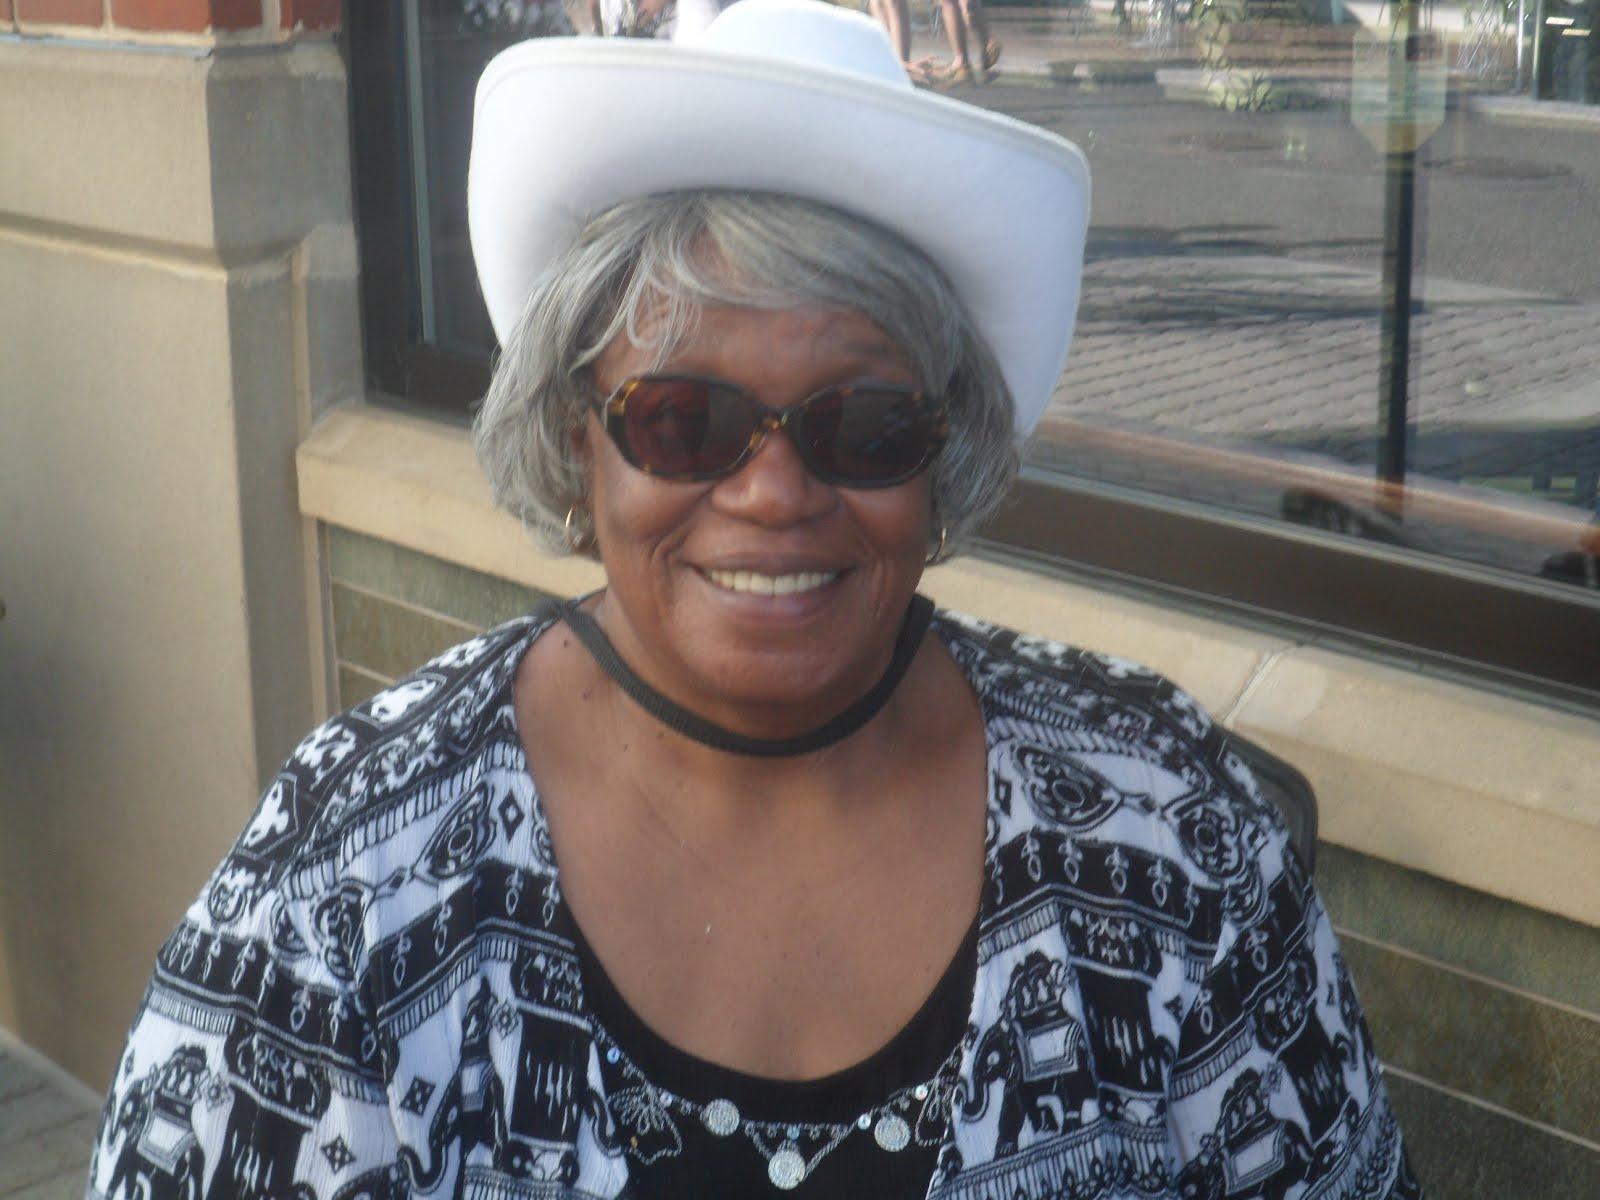 Malinda's White Cowboy Hat